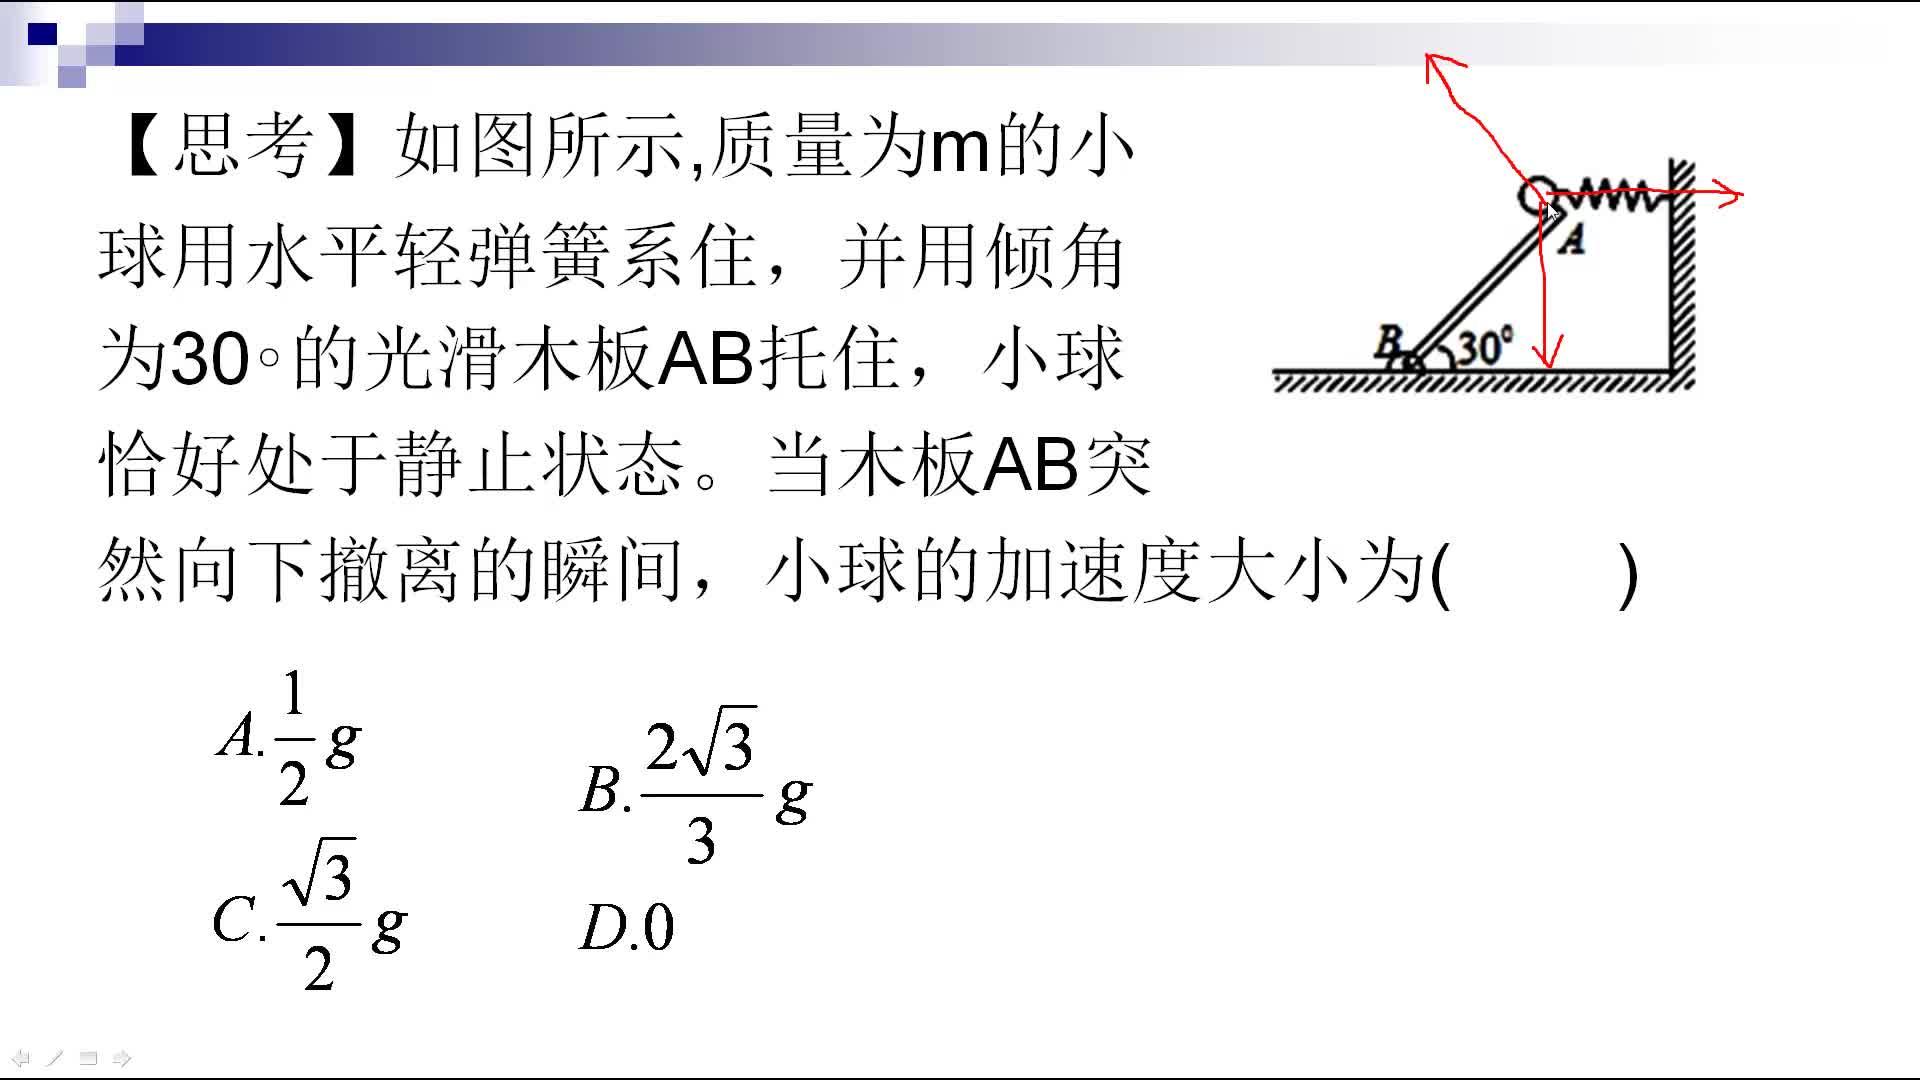 人教版 高一物理 必修一 4.6 木板突然撤去之后的加速度(牛顿运动定律难点辨析)-视频微课堂